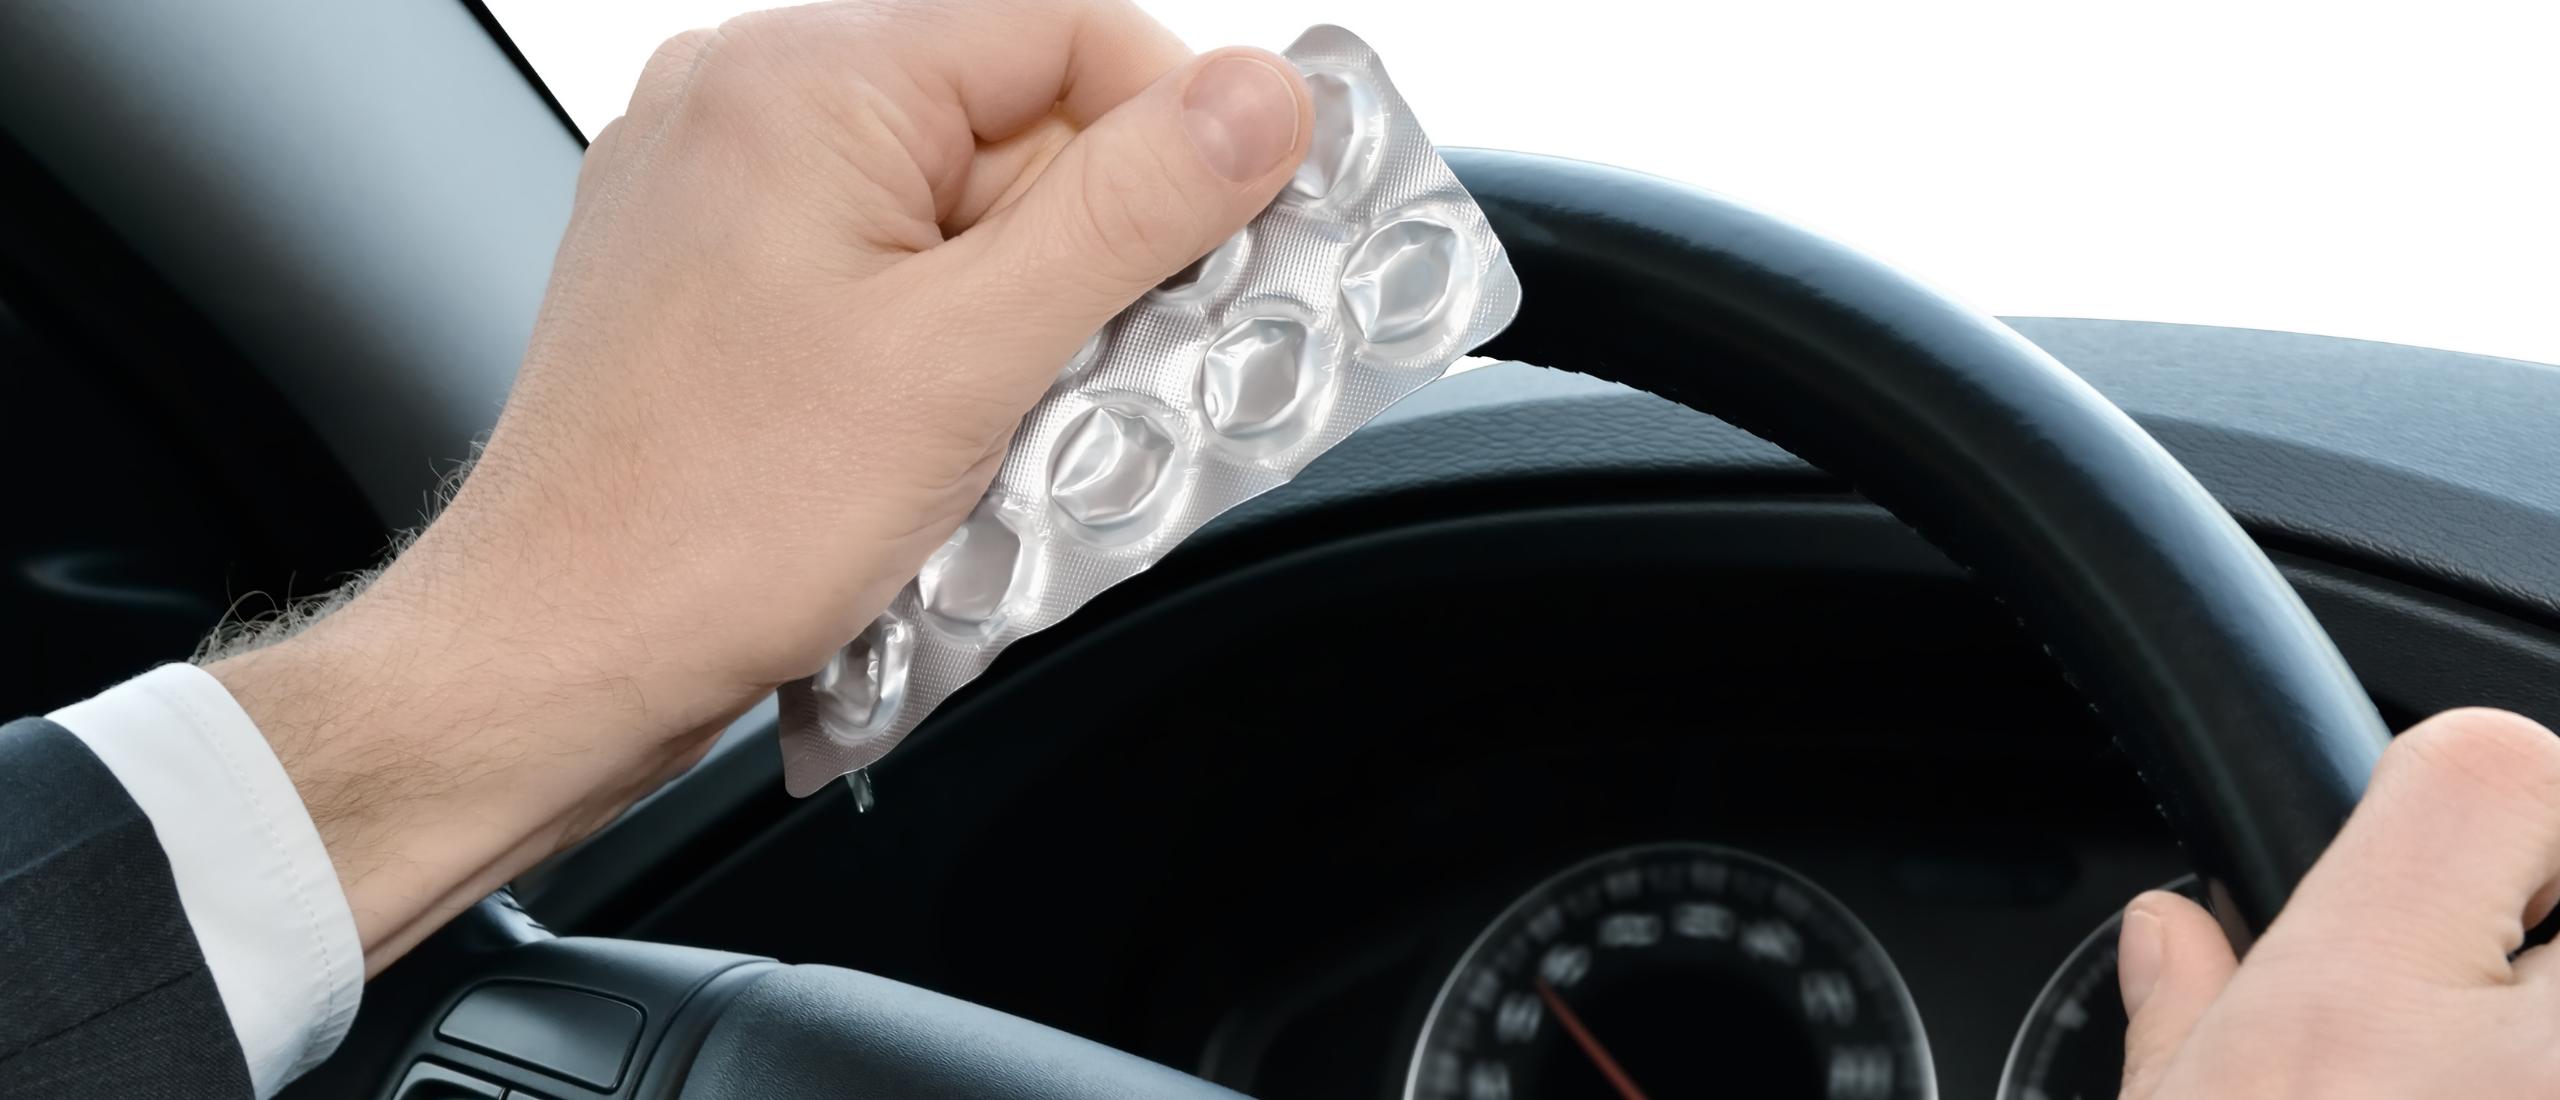 Rijd veilig met medicijnen